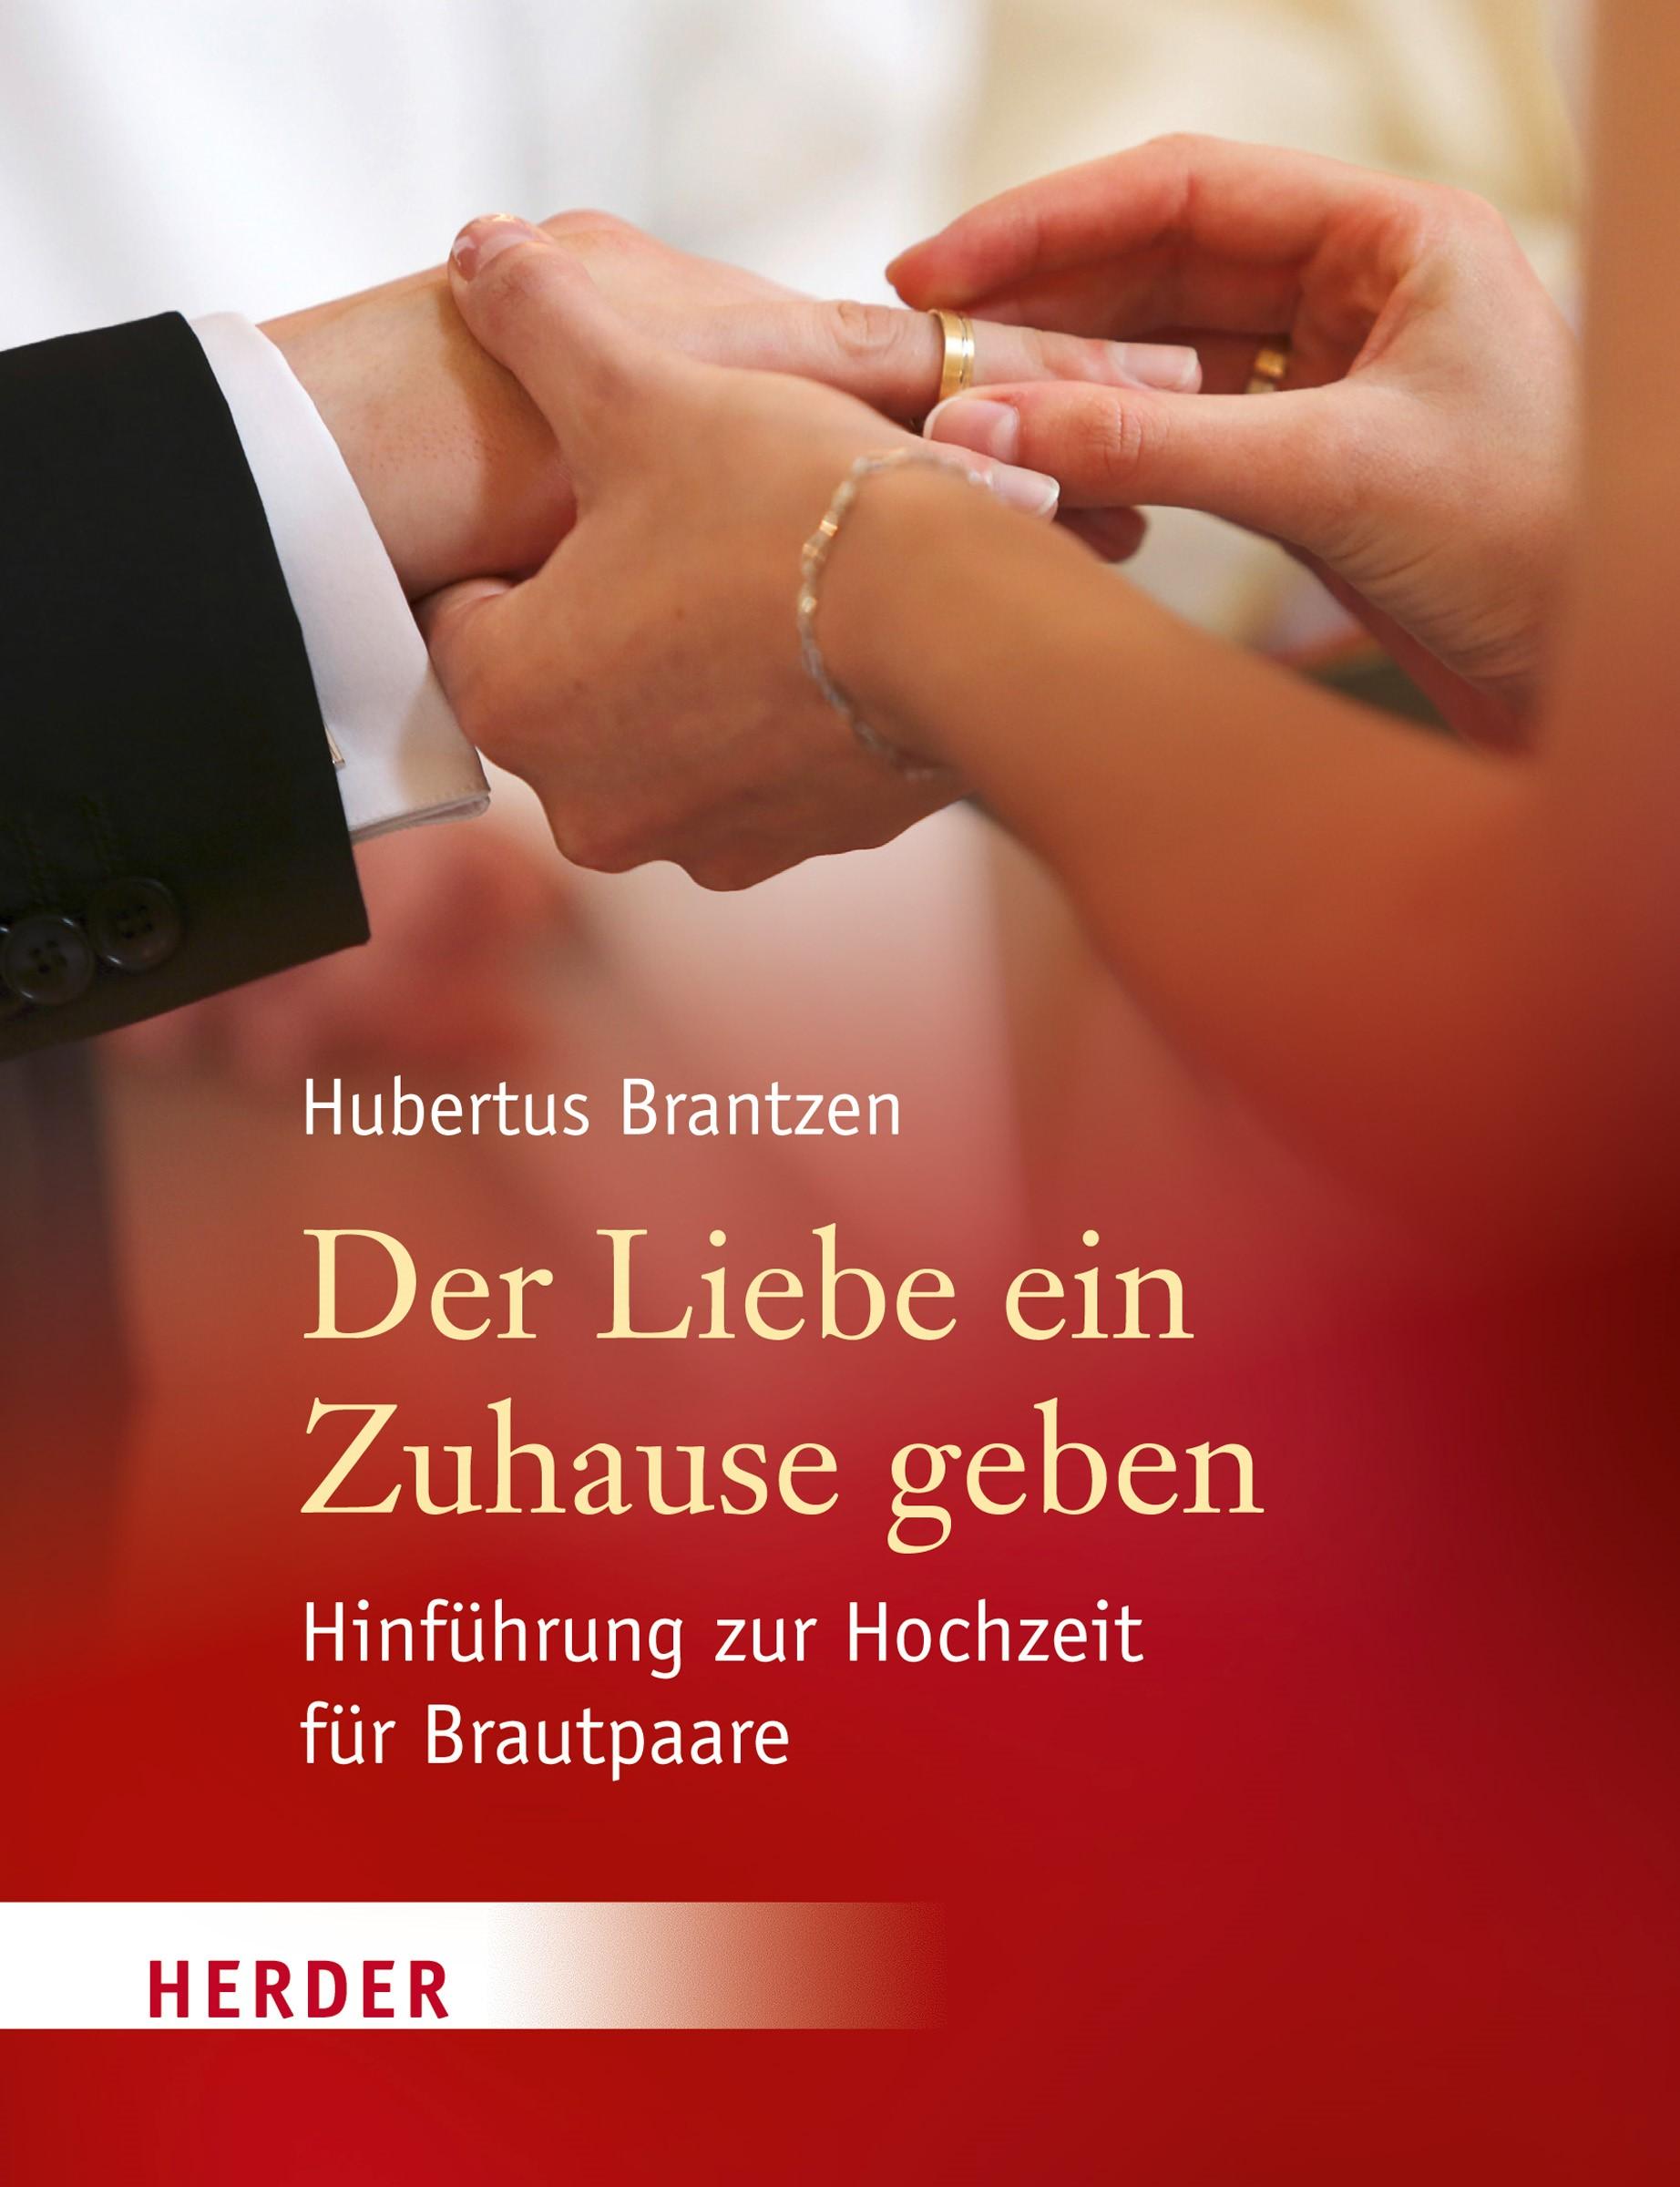 Der Liebe ein Zuhause geben | Brantzen, 2015 | Buch (Cover)